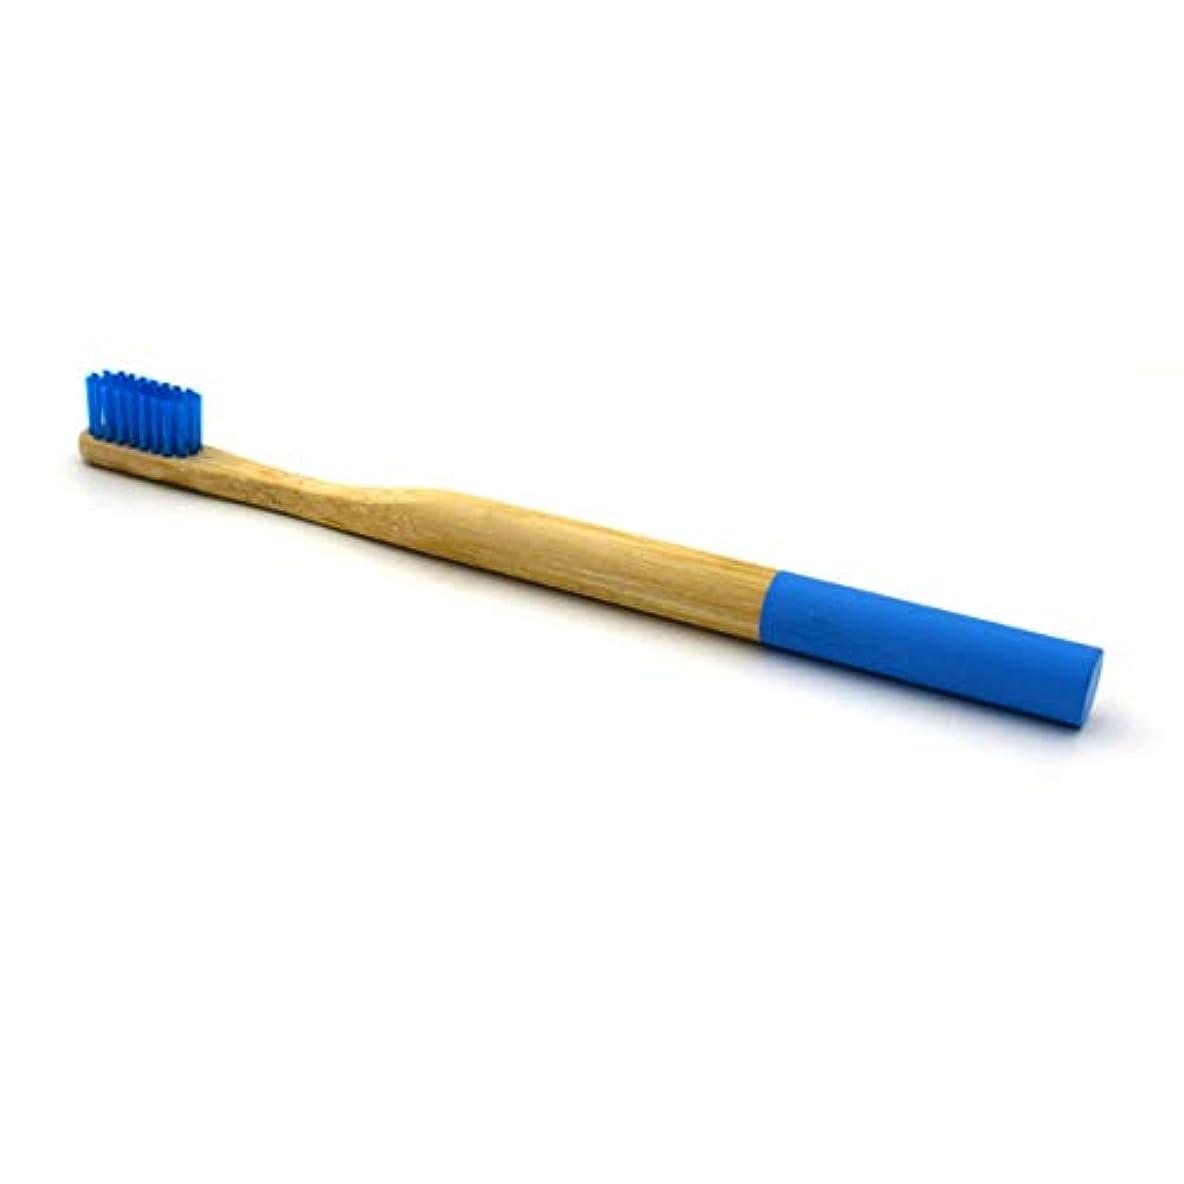 マウスピース間隔神学校SUPVOX 柔らかい毛の丸いハンドル付きの天然竹歯ブラシ